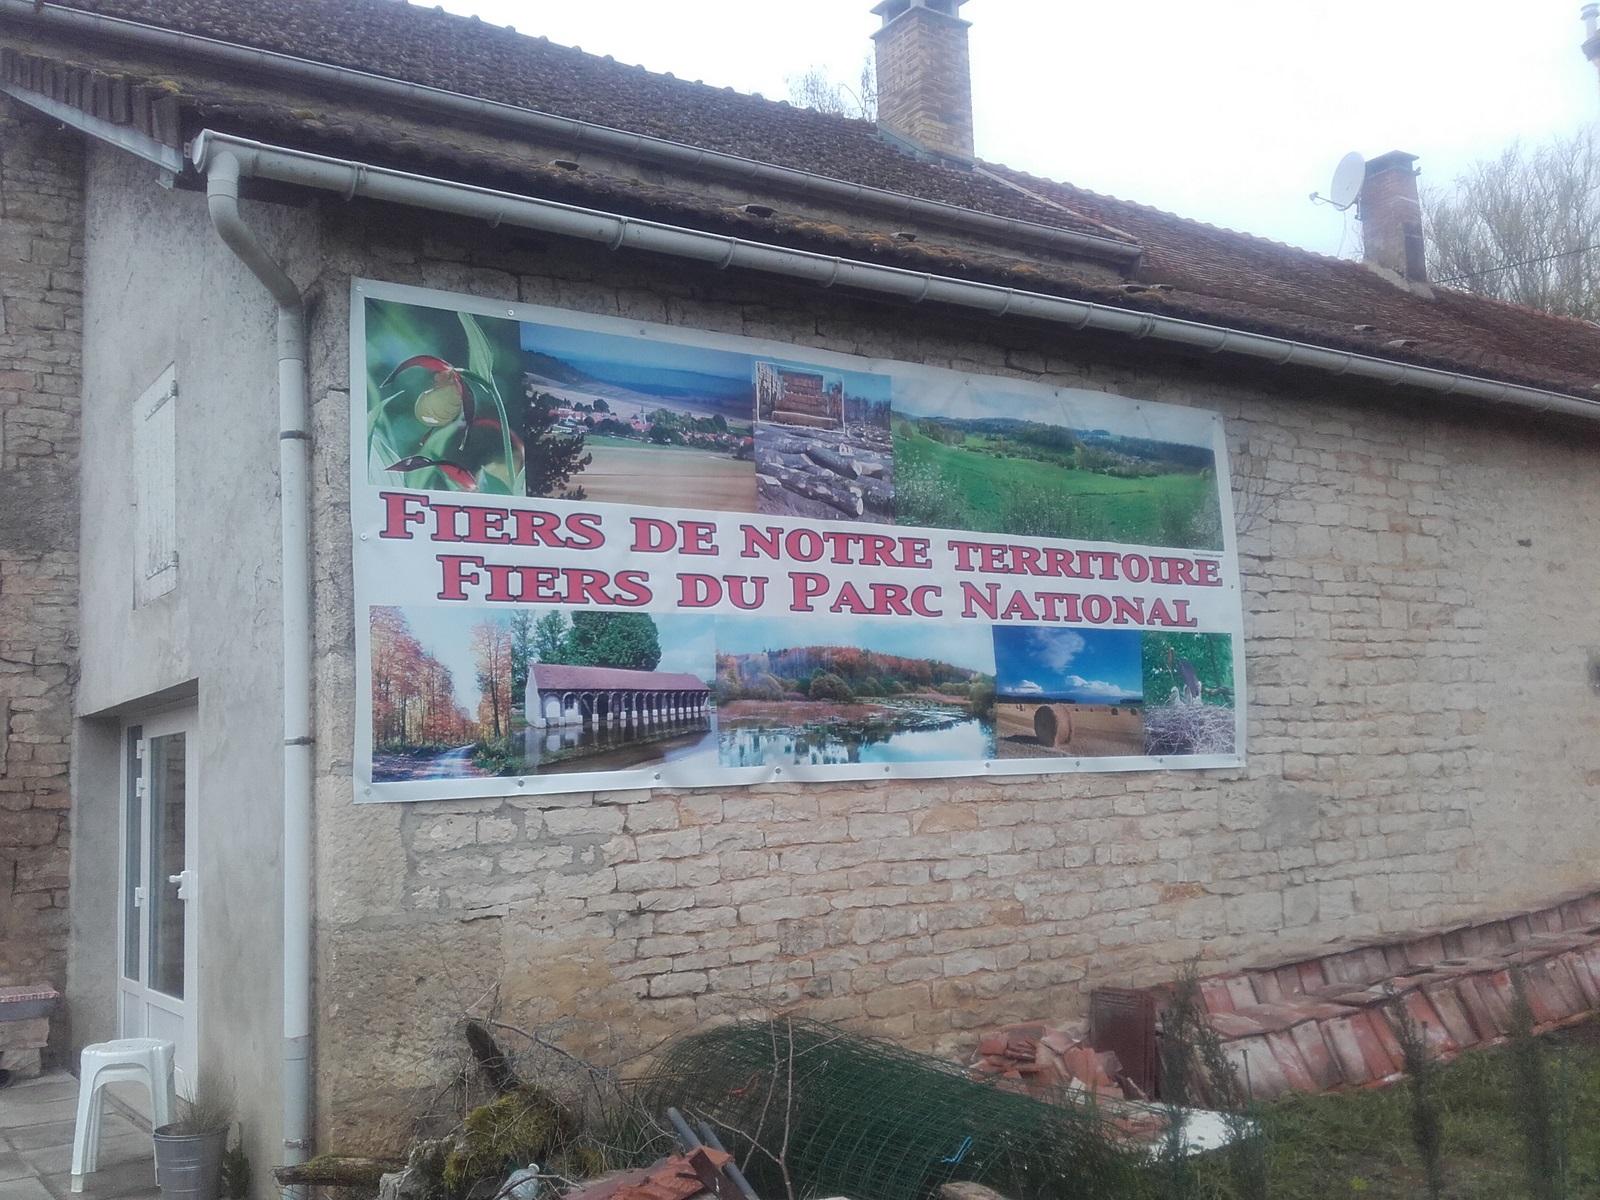 D'ici là, le Parc National des Forêts de Champagne et Bourgogne aura peut-être vu le jour.